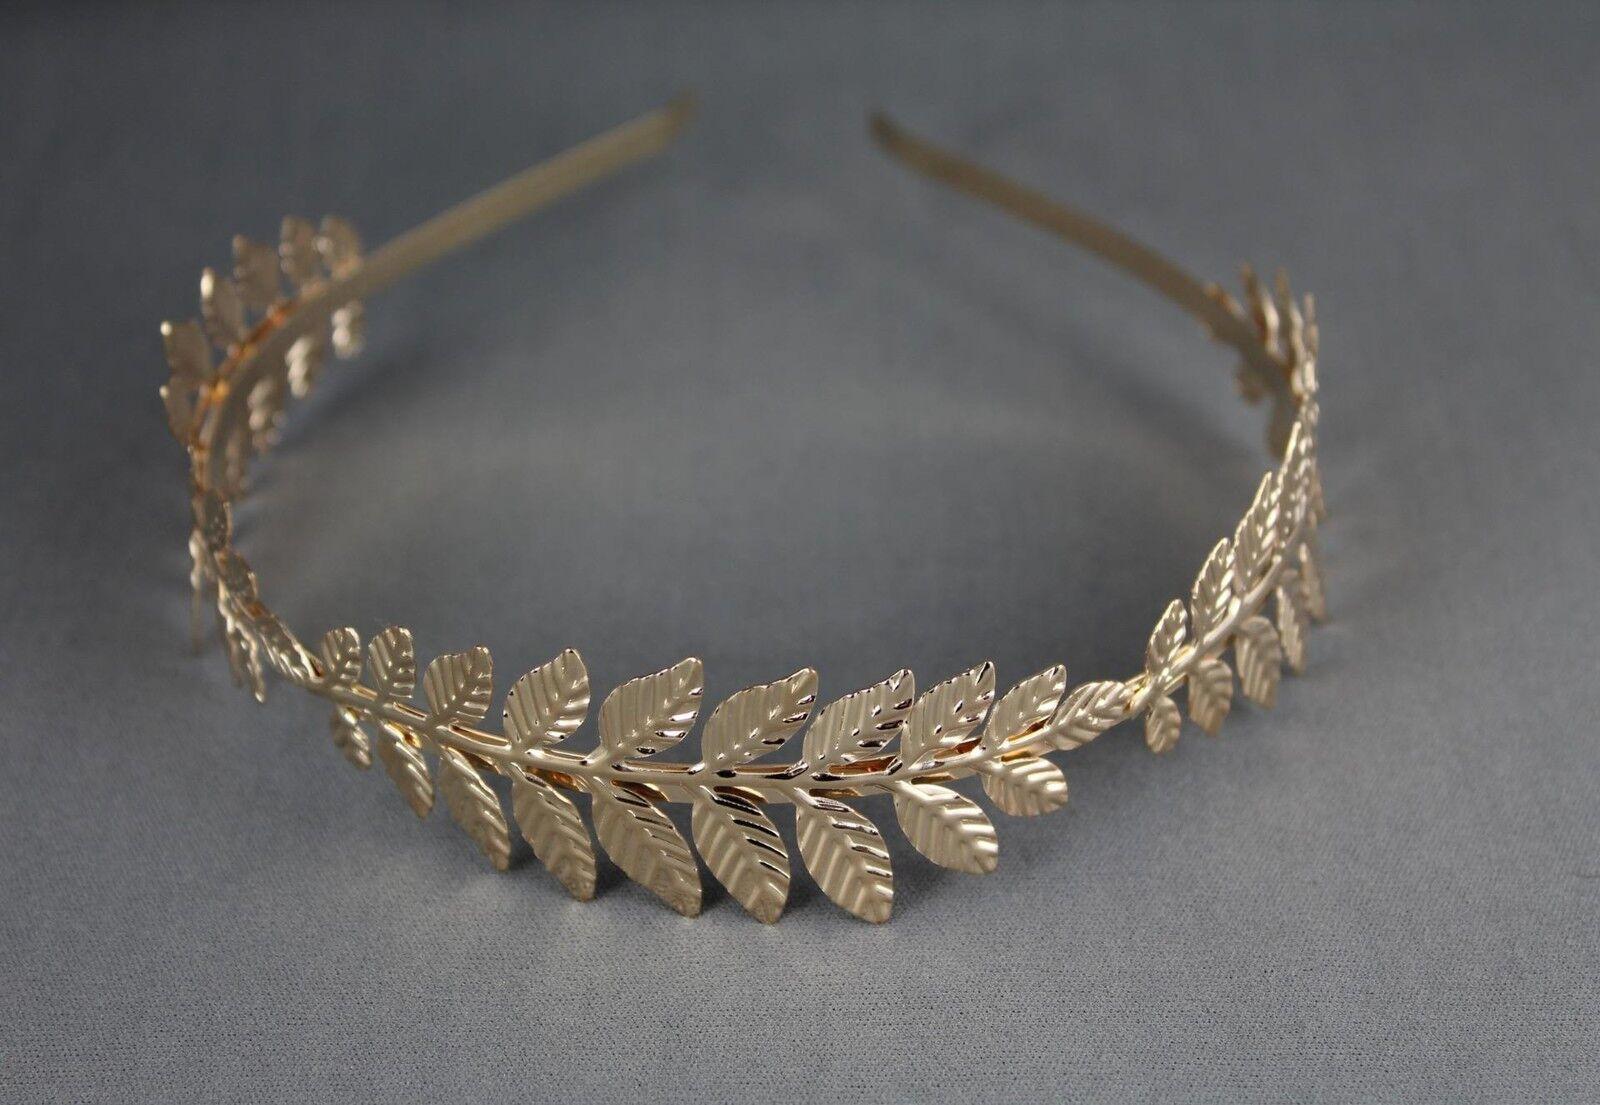 Greek Goddess Headband Costumes//Gold Leaf Branch Hair Band Crown//Bridal Wedding Headpiece